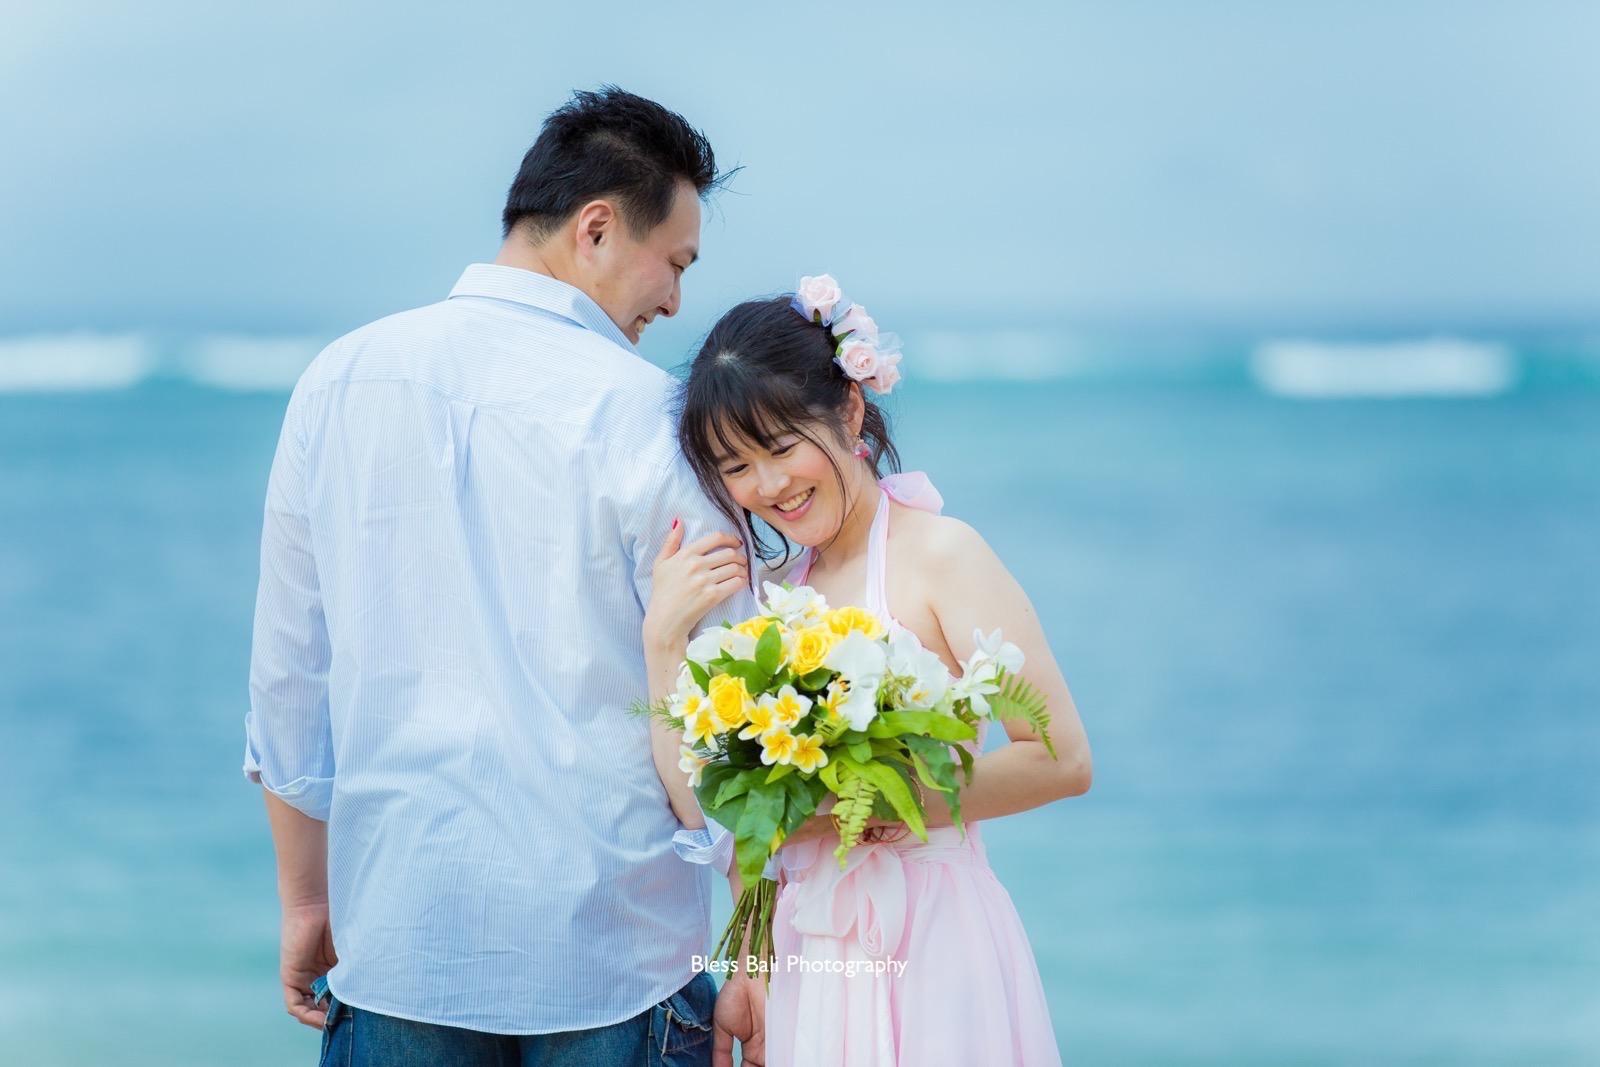 花婿にもたれて微笑む花嫁様